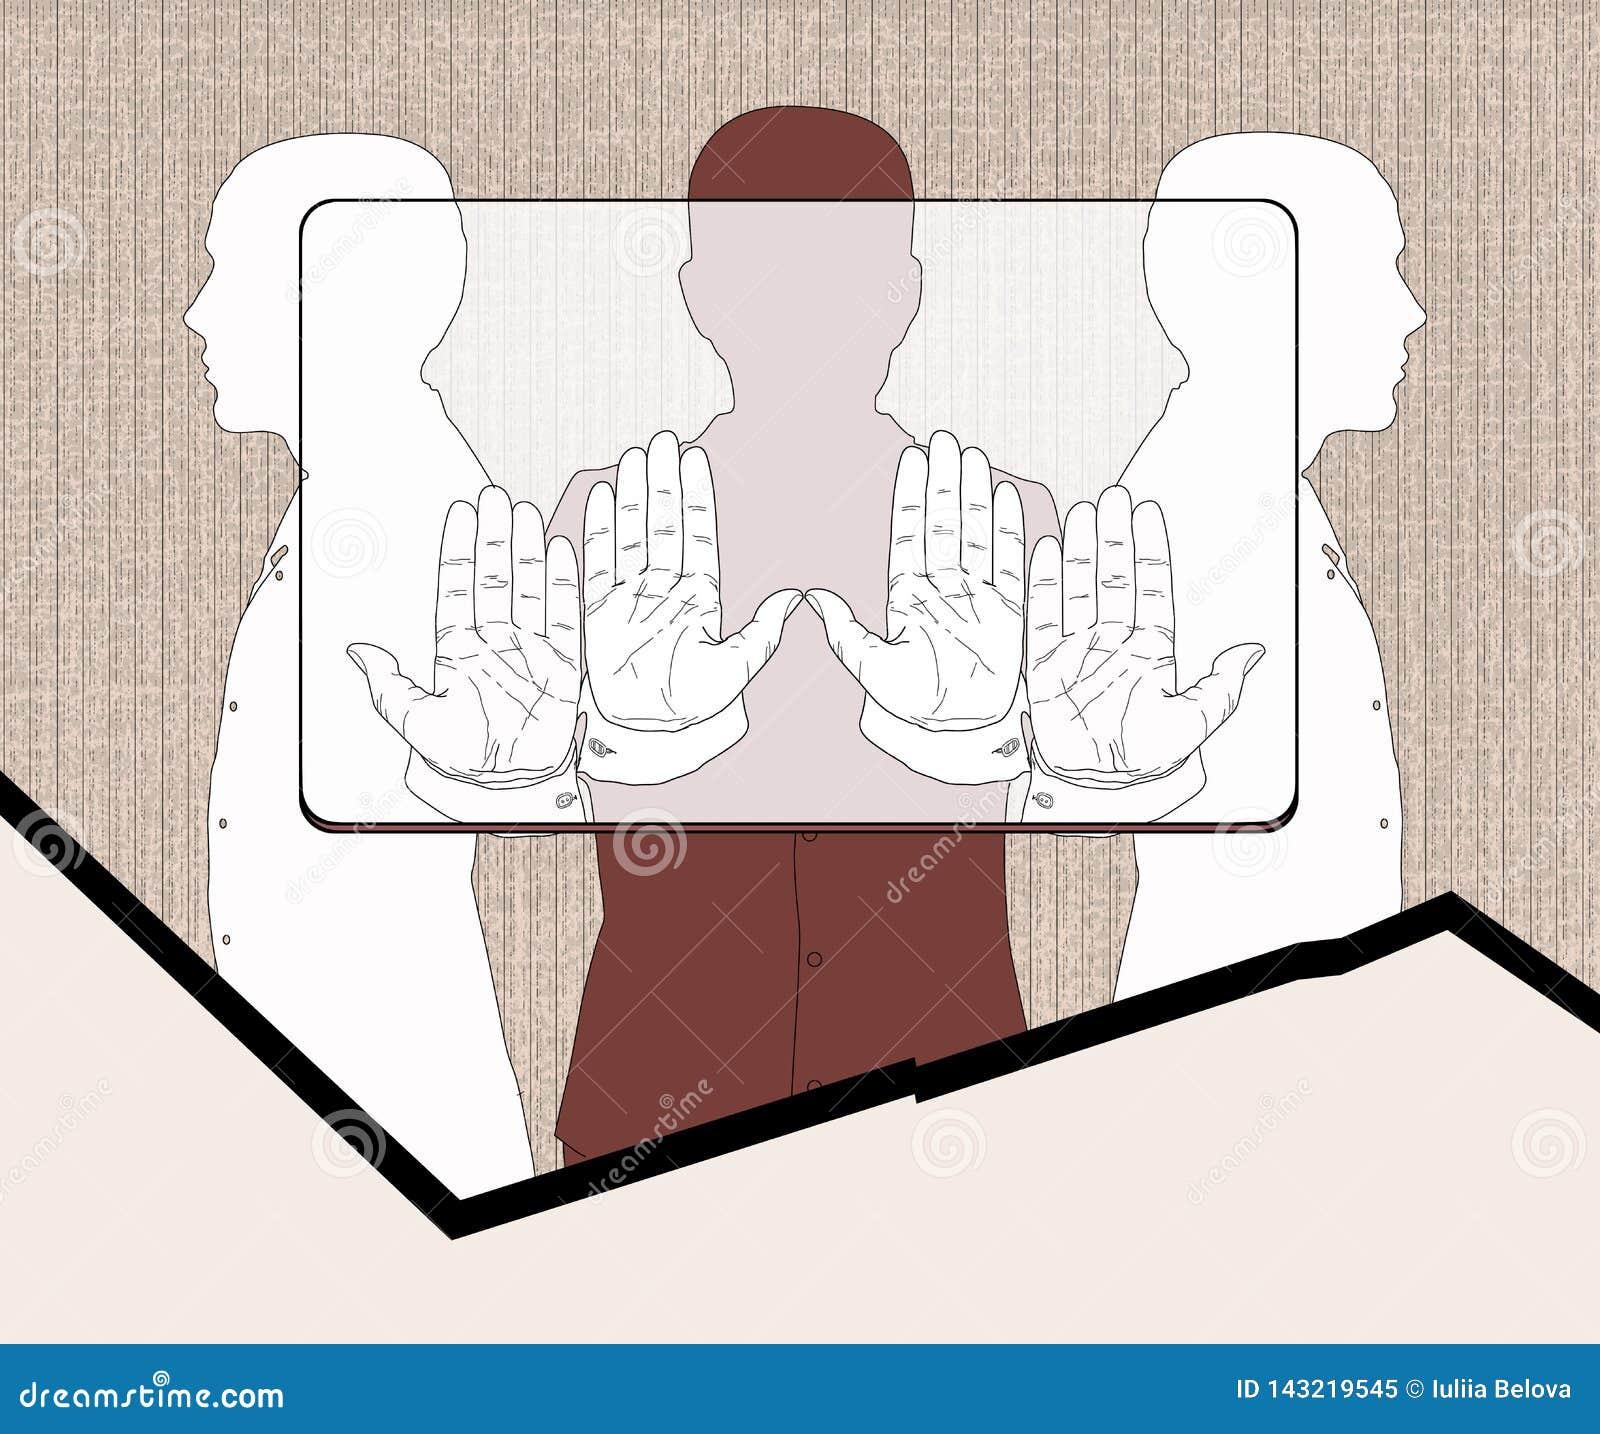 Betaalpashouders Drie silhouetten van mensen die een voorlopige rechthoek, volgens de aandelen houden die aan het verbod beantwoo